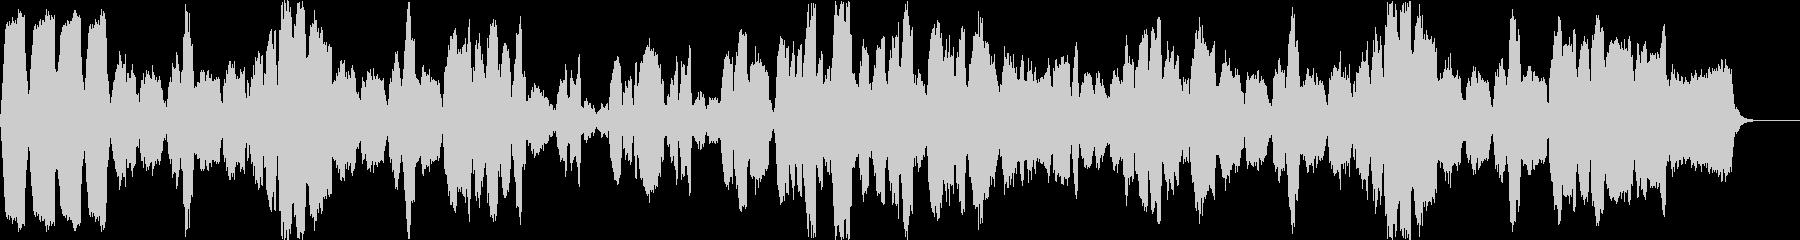 結婚行進曲*生バイオリンの暖かなサウンドの未再生の波形